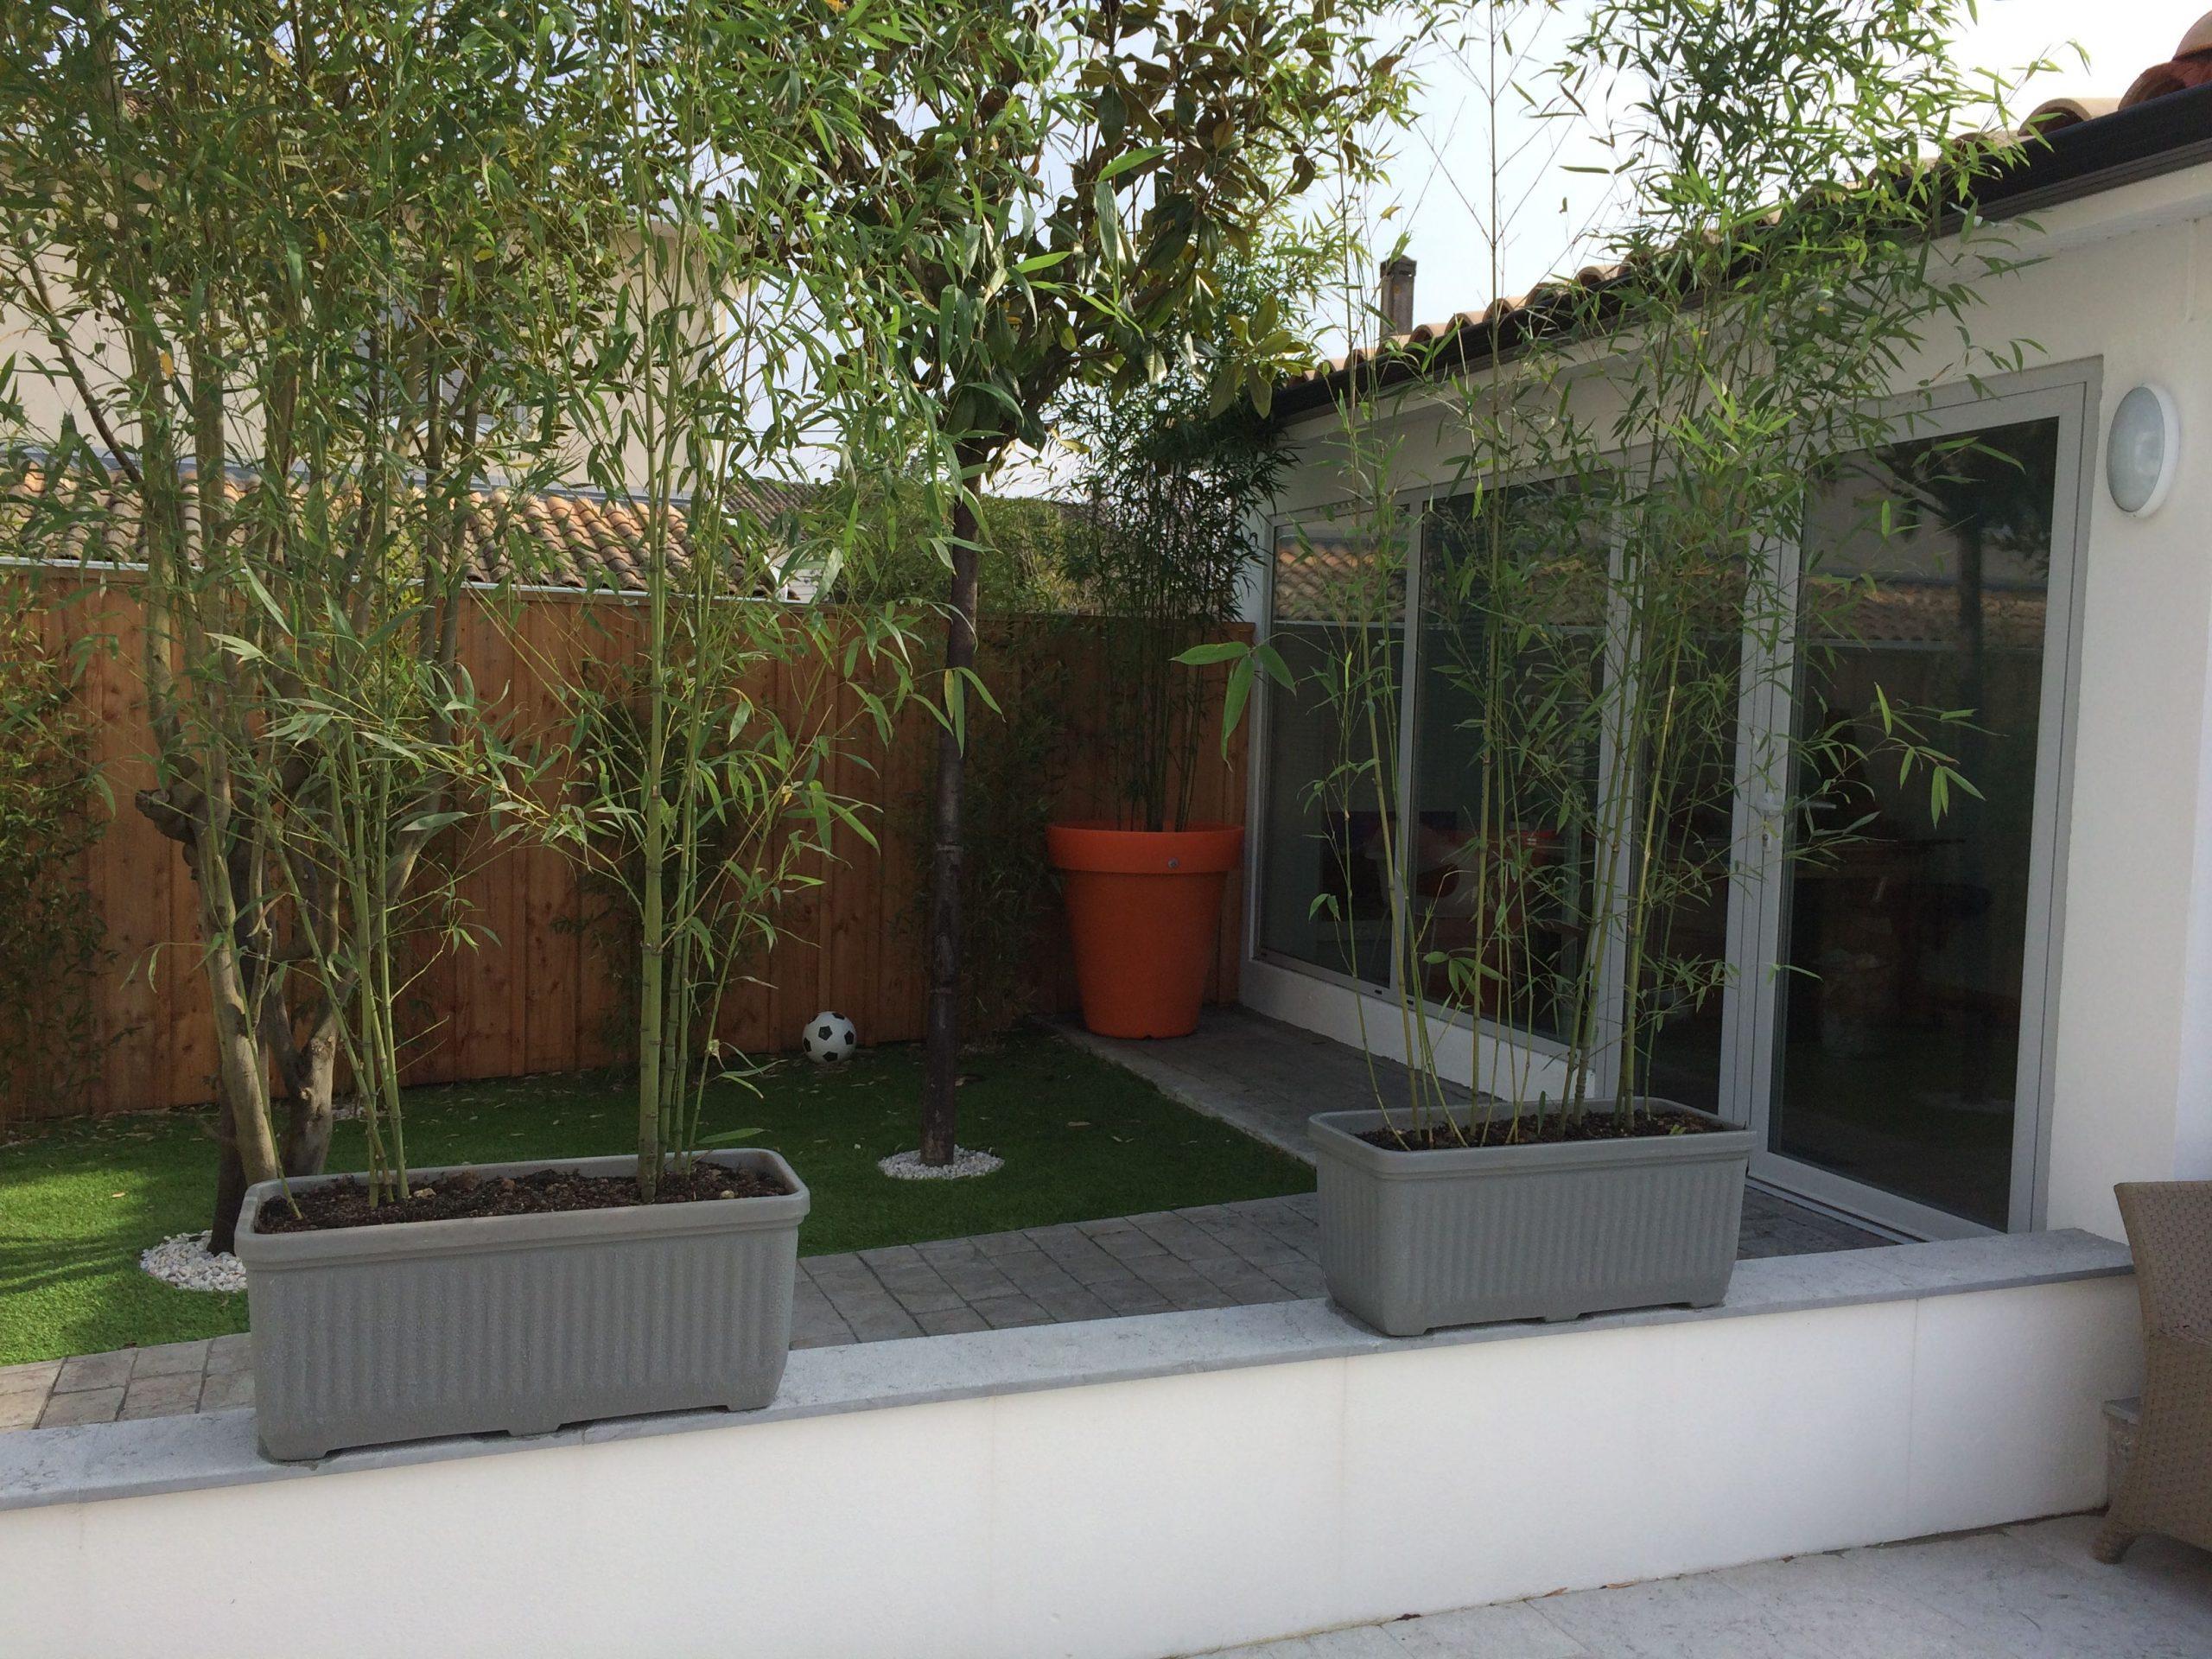 Création D'un Petit Jardin Sans Entretien Avec Du Gazon ... encequiconcerne Creation Petit Jardin